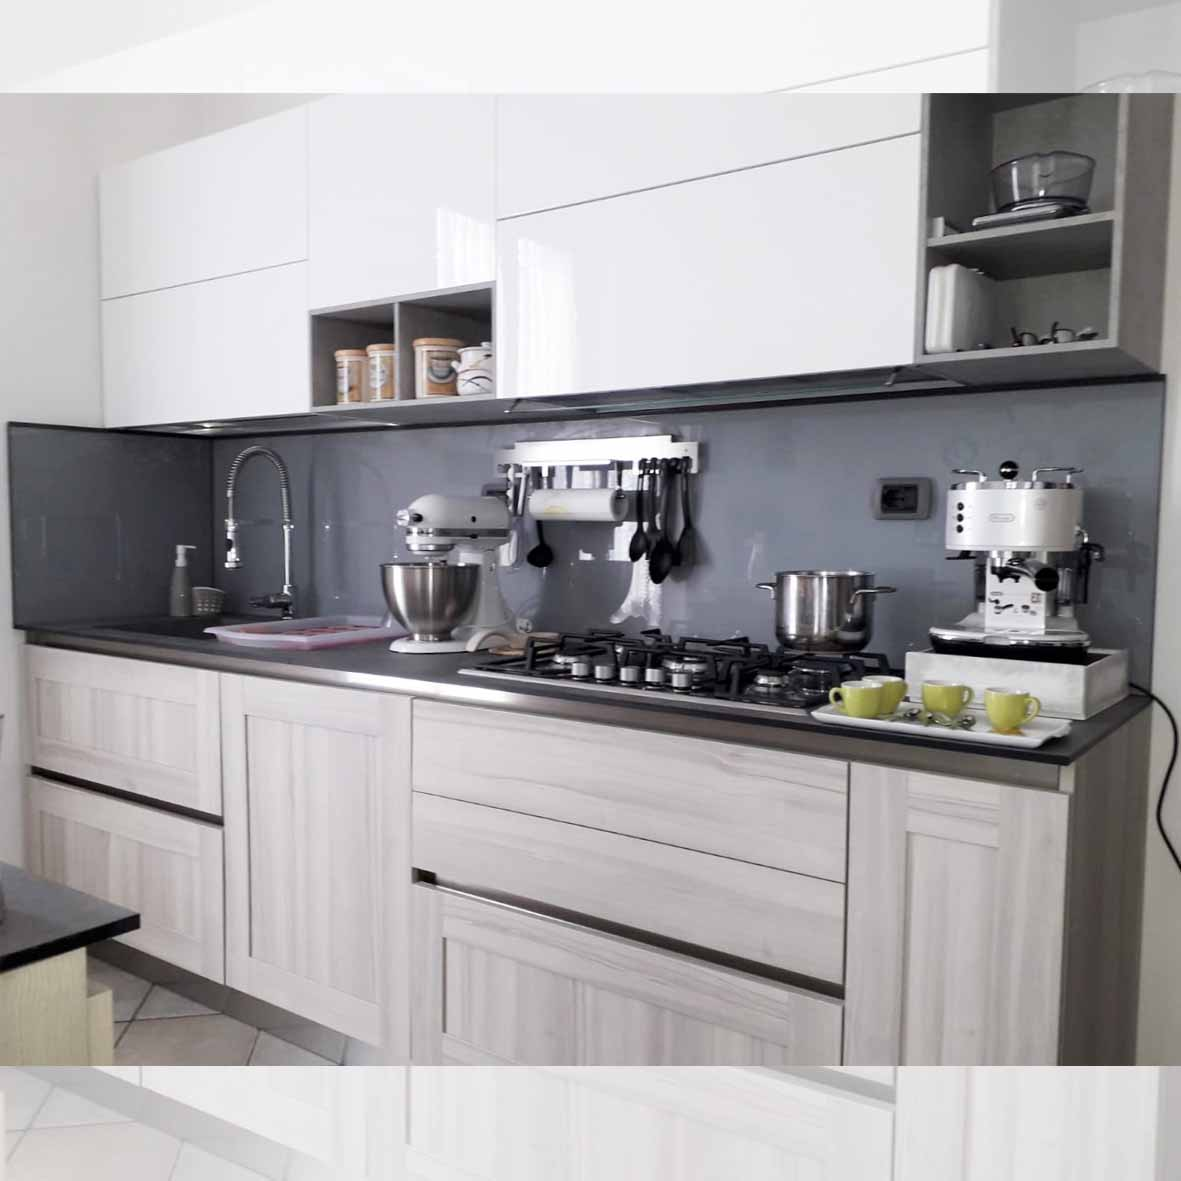 realizzazioni-centro dell'arredamento-savona-cucina-arredo3